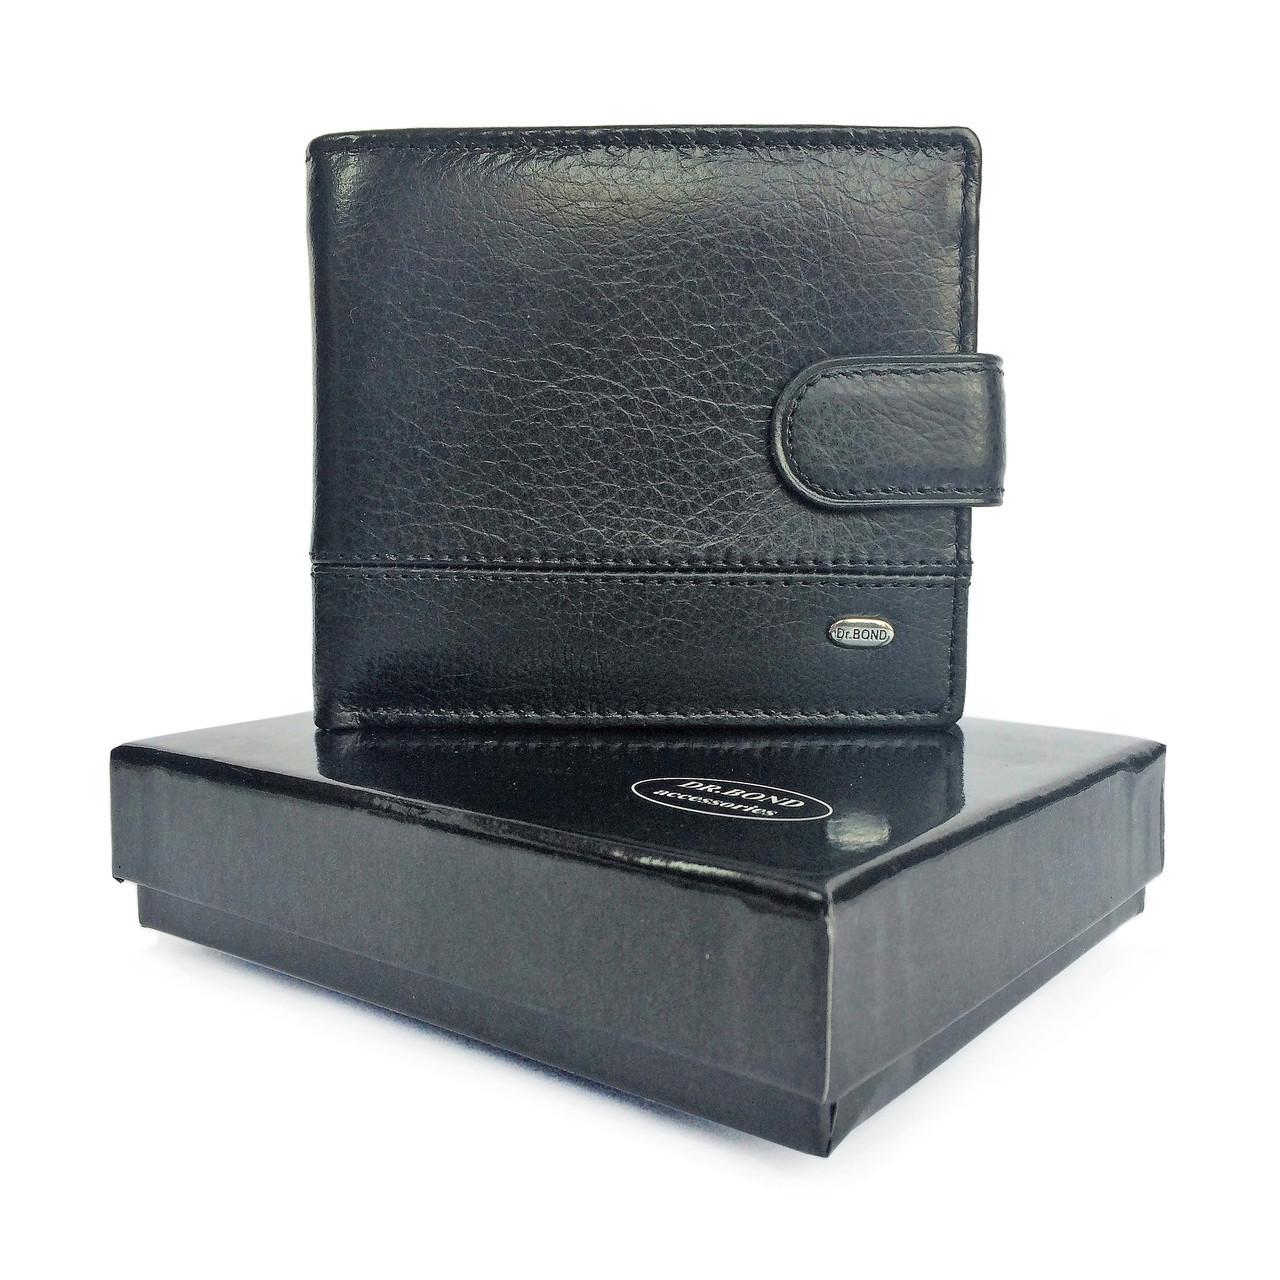 Мужской кожаный кошелек dr. Bond черный